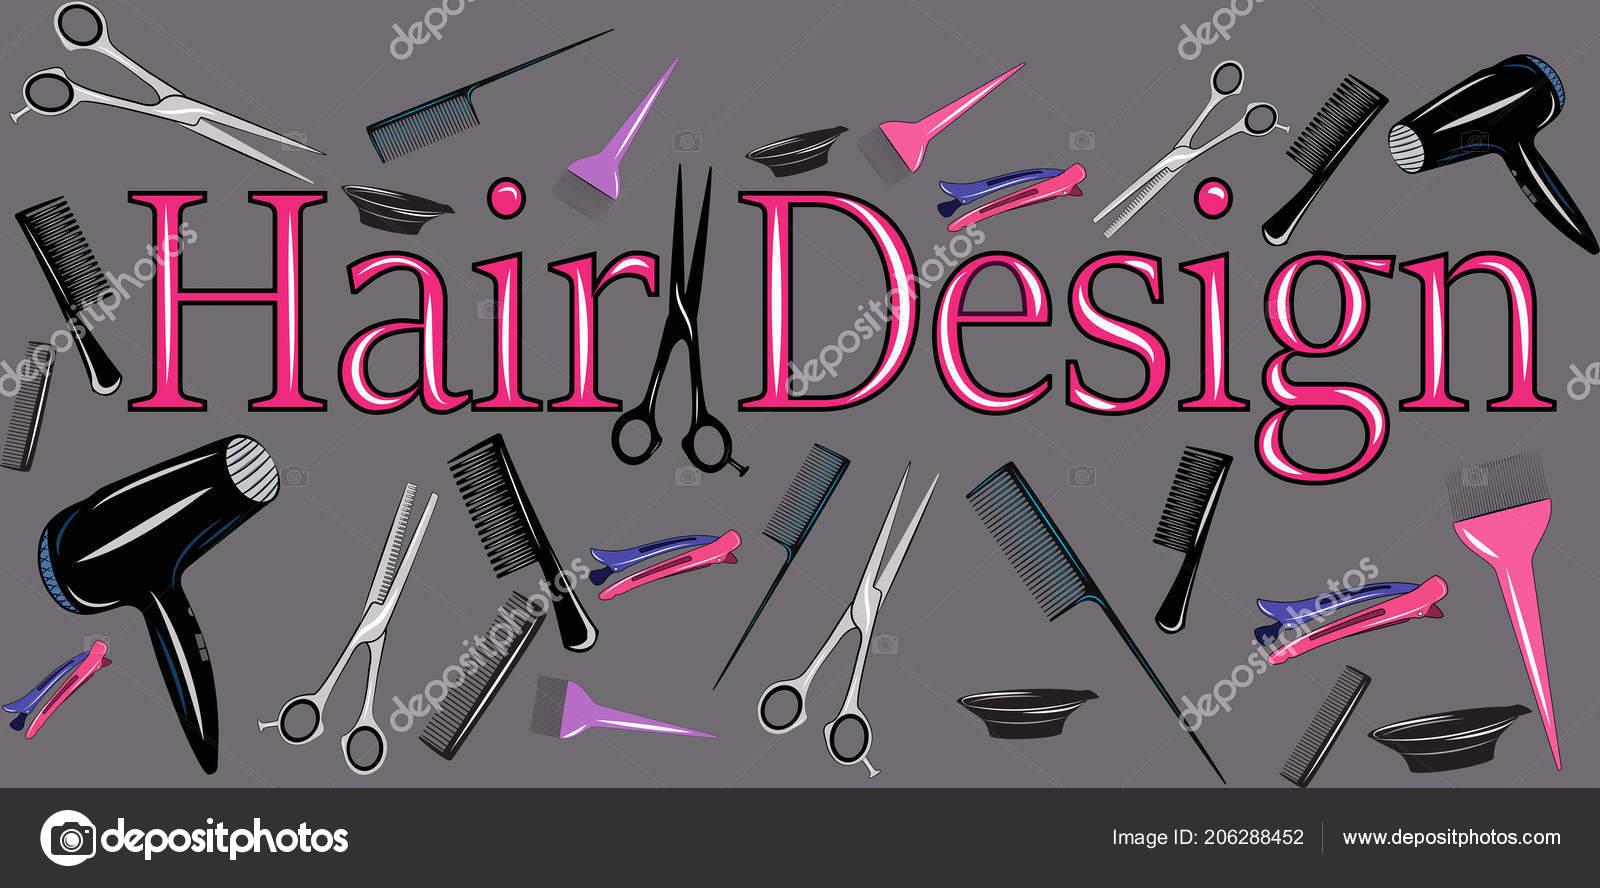 Abbildung Eines Friseur Tools Plakat Mit Friseur Tools Für Werbung